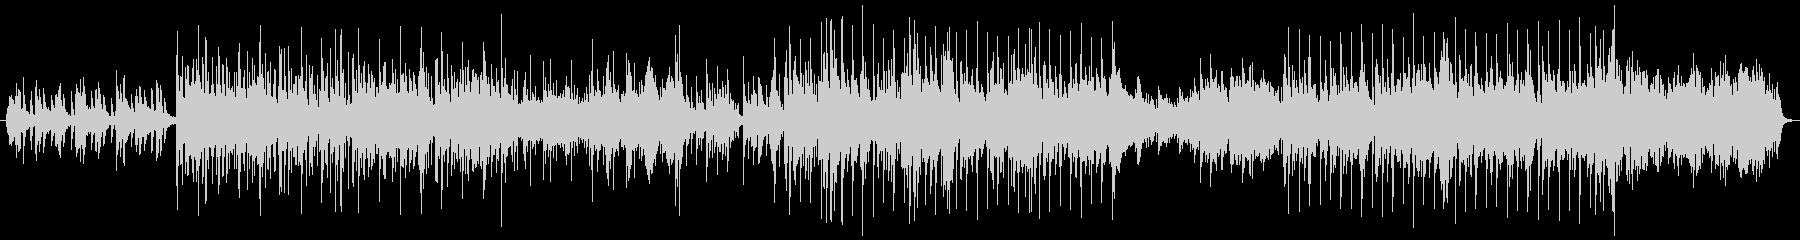 ピアノ+箏+シンセベースのインスト曲の未再生の波形